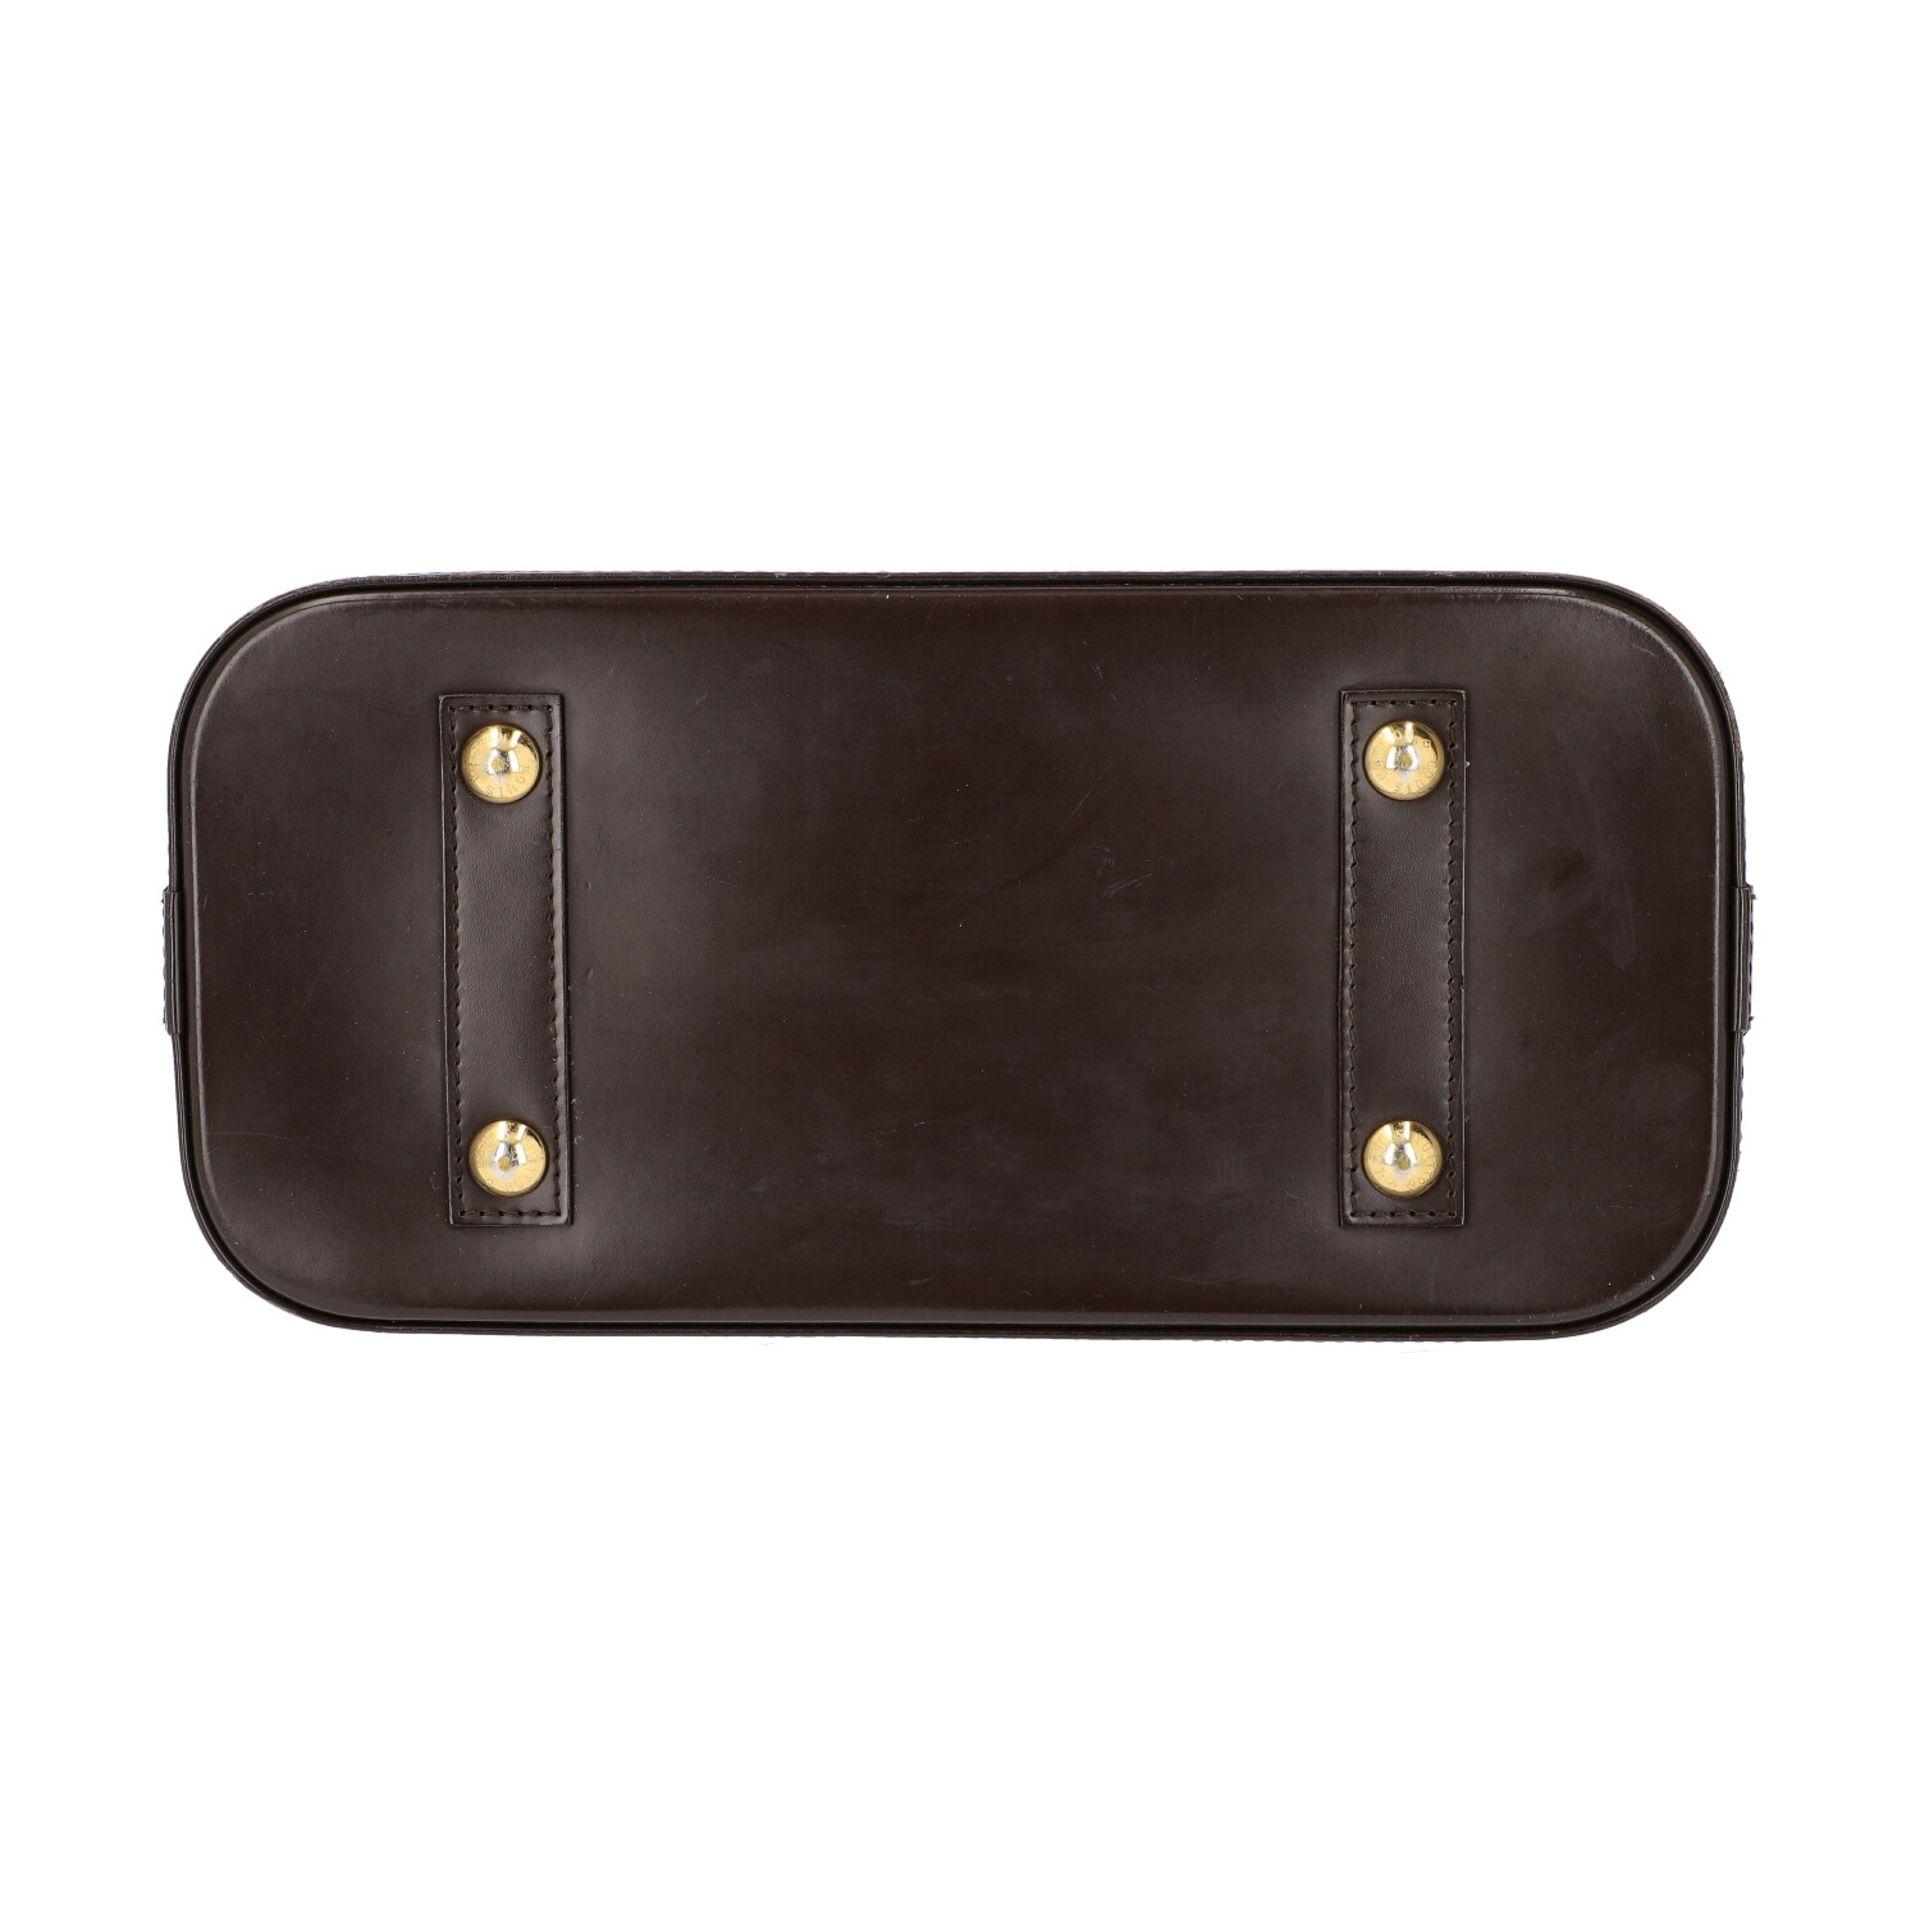 """LOUIS VUITTON Handtasche """"ALMA PM"""", Koll. 2010.Akt. NP.: 1.250,-€. Damier Ebene Serie mit - Bild 5 aus 8"""